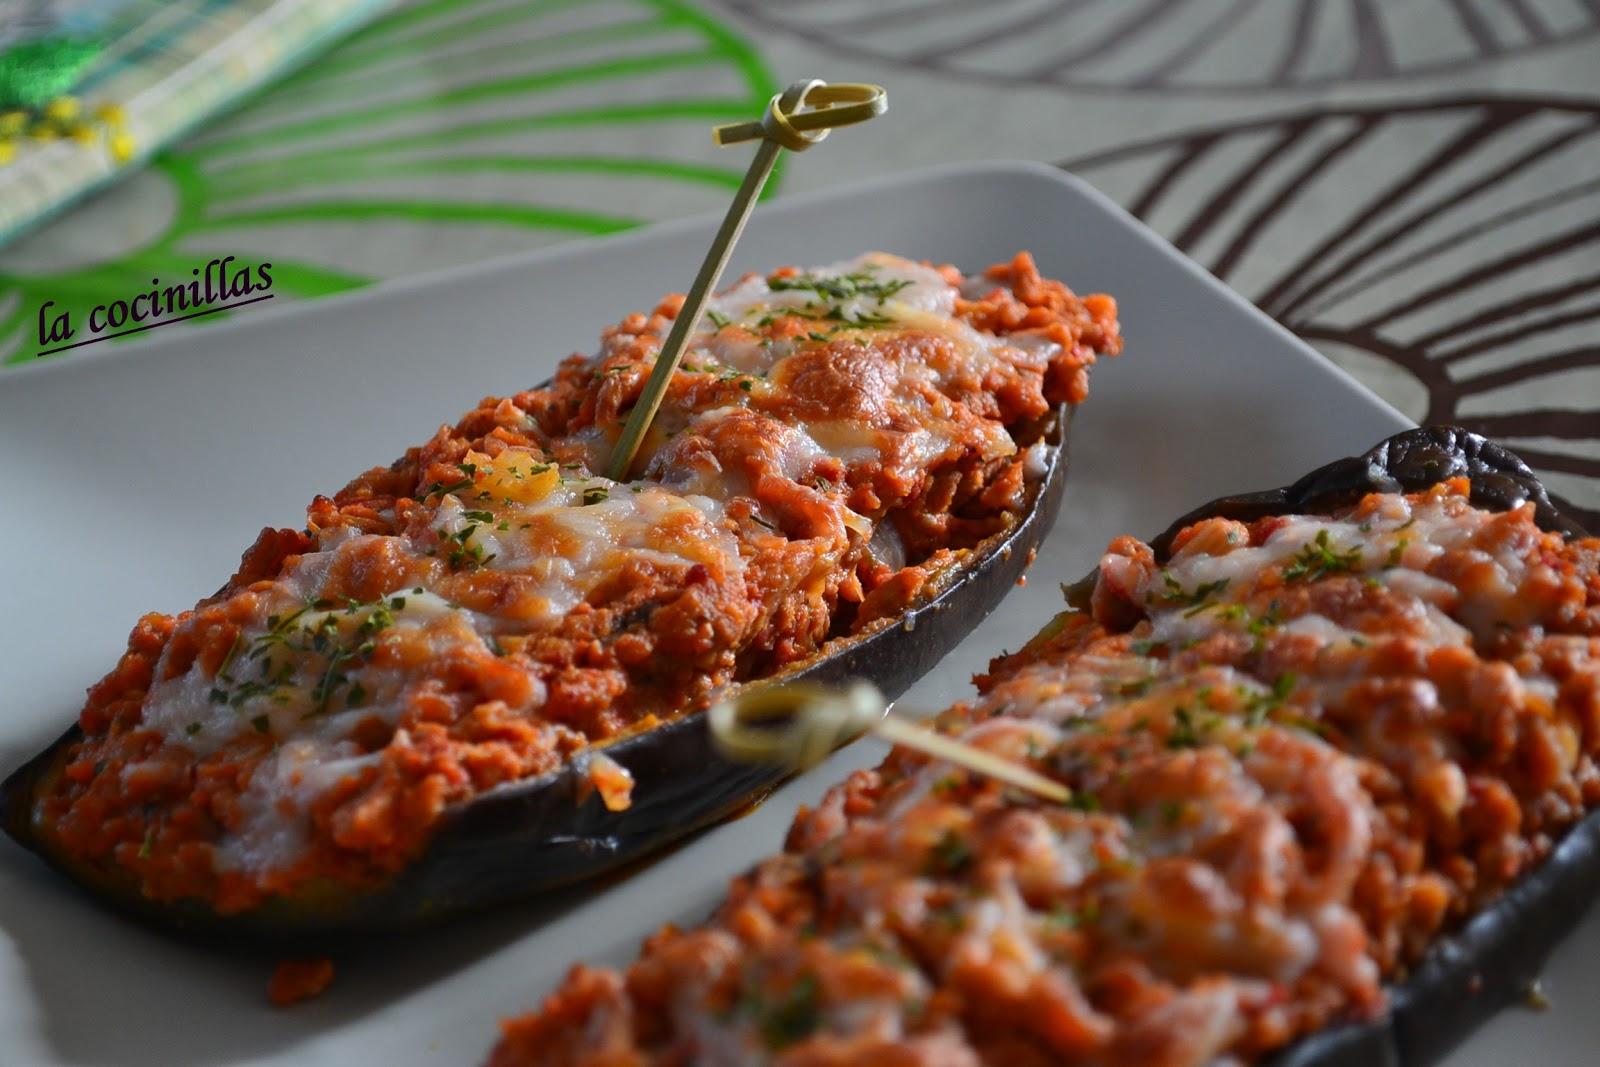 Berenjenas rellenas de carne picada y sobrasada la - Berenjena rellena de carne ...